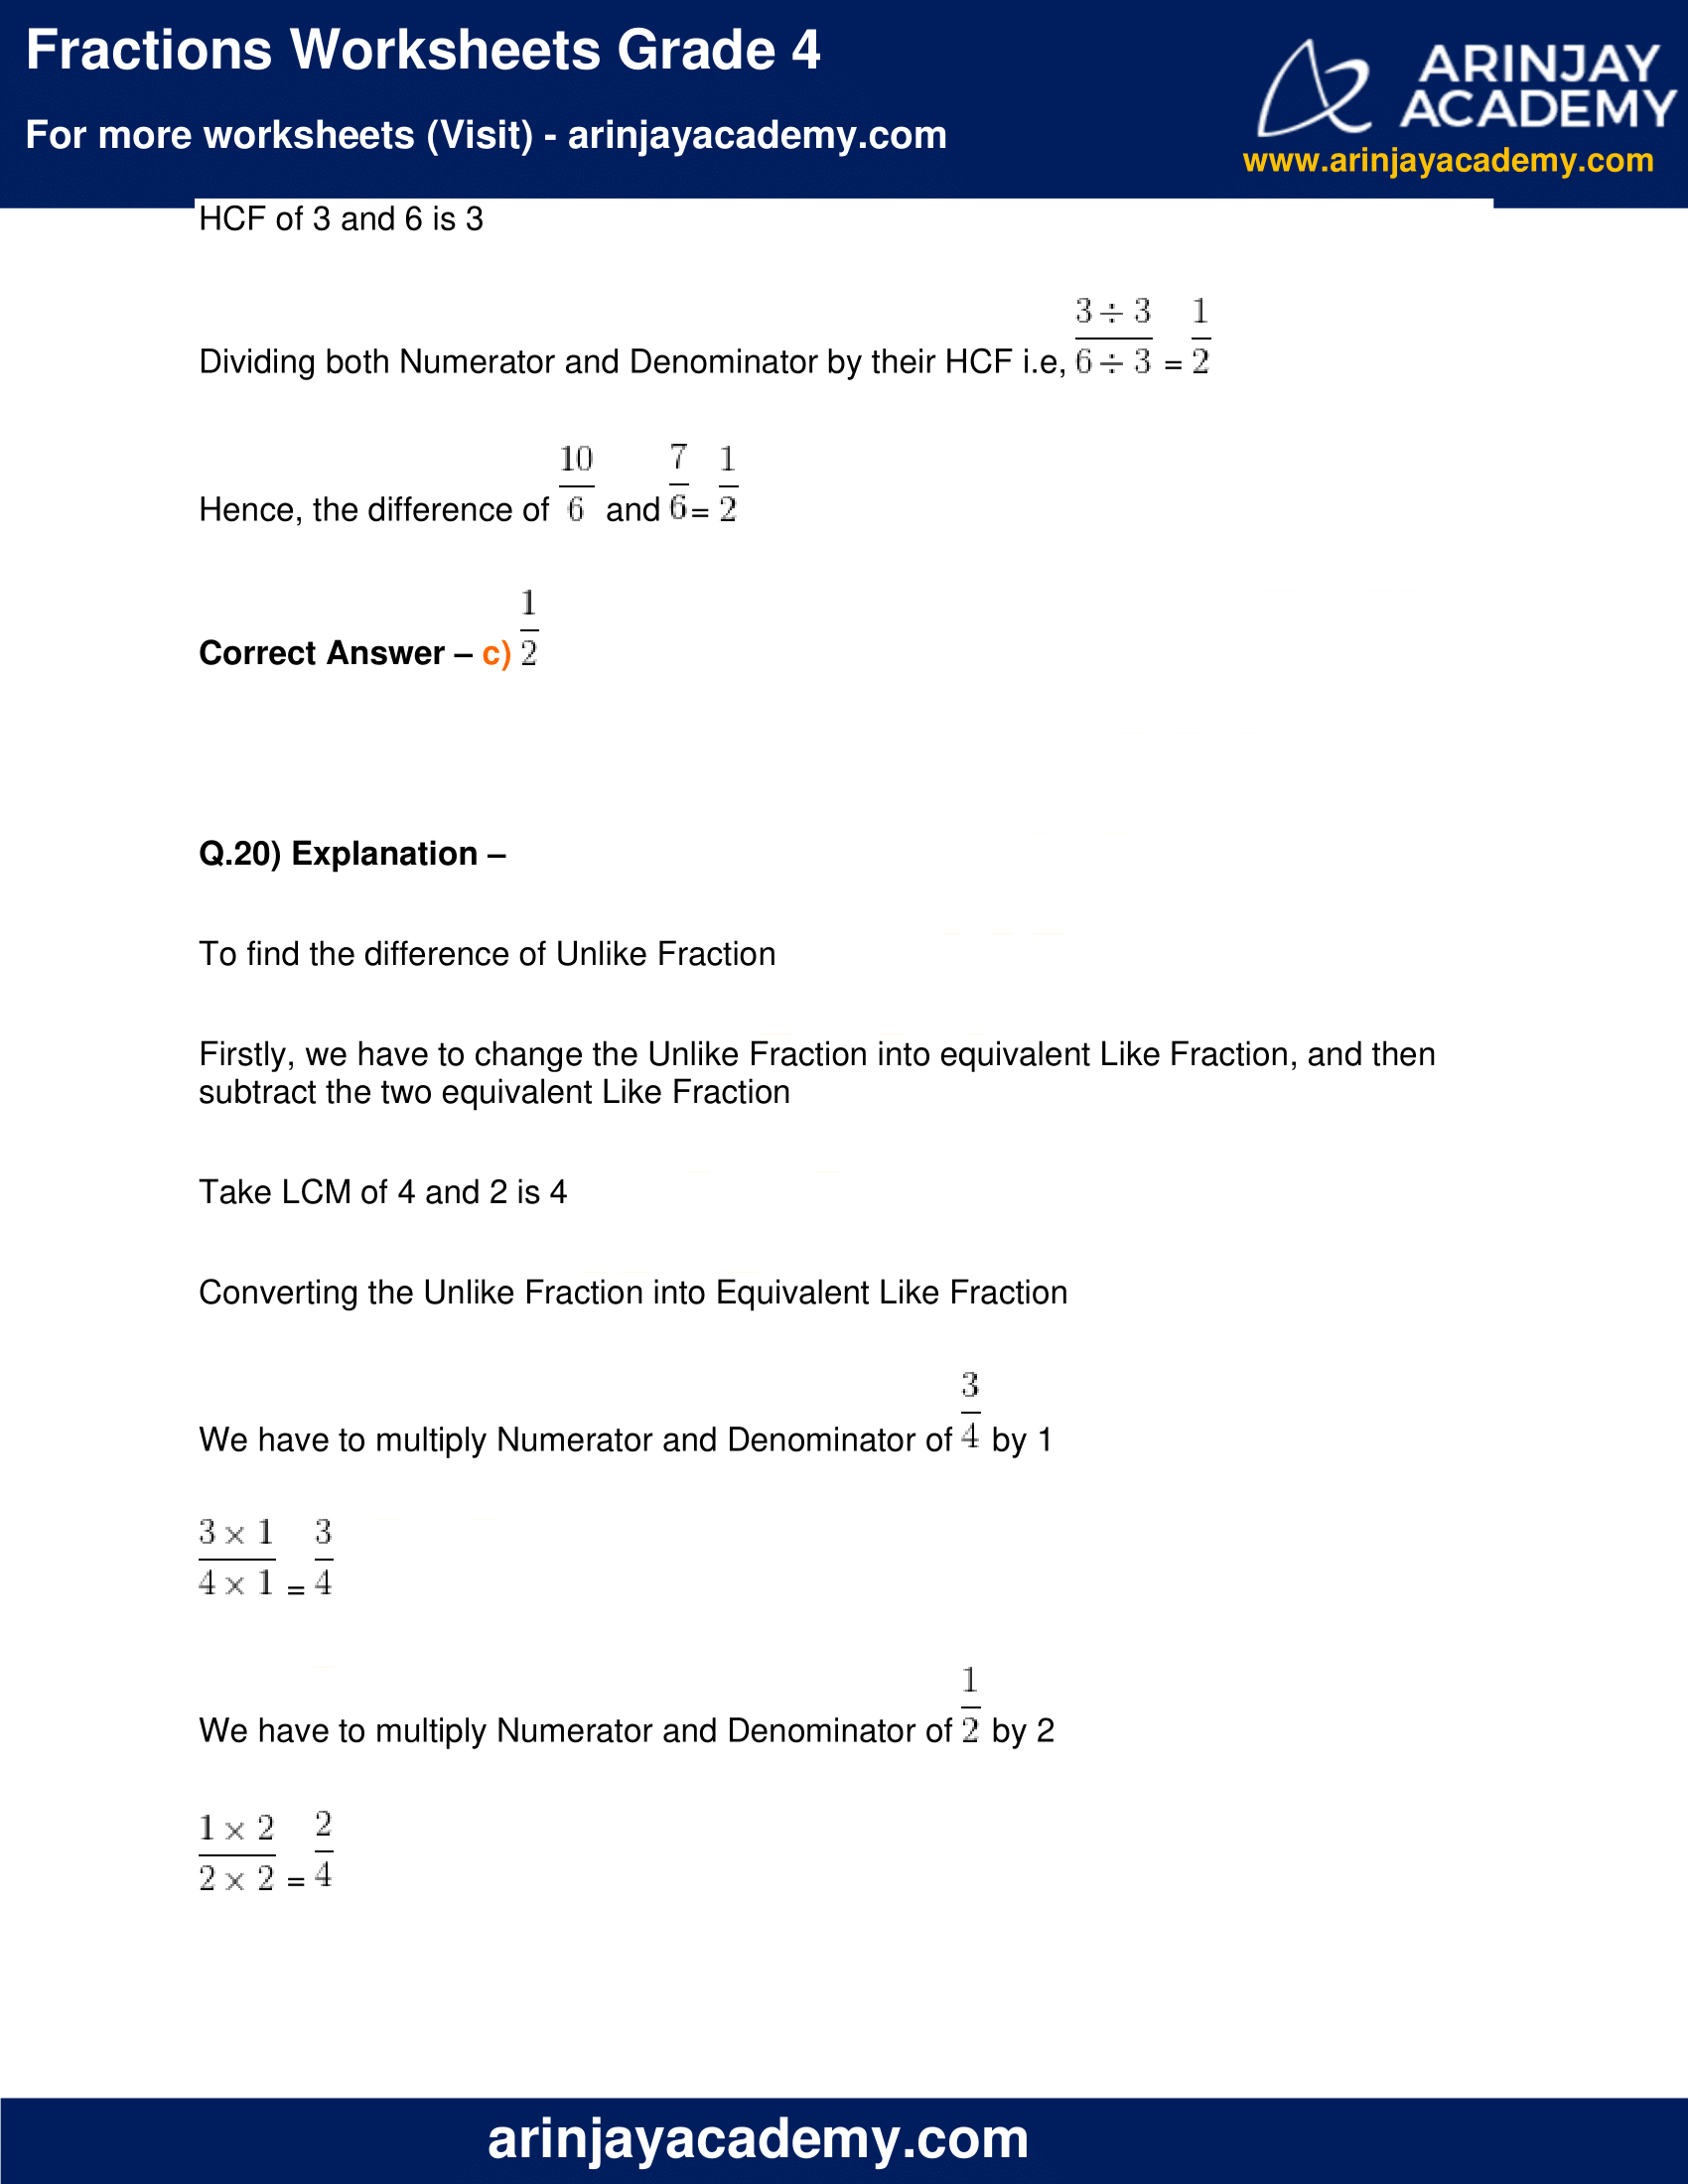 Fractions Worksheets Grade 4 image 18